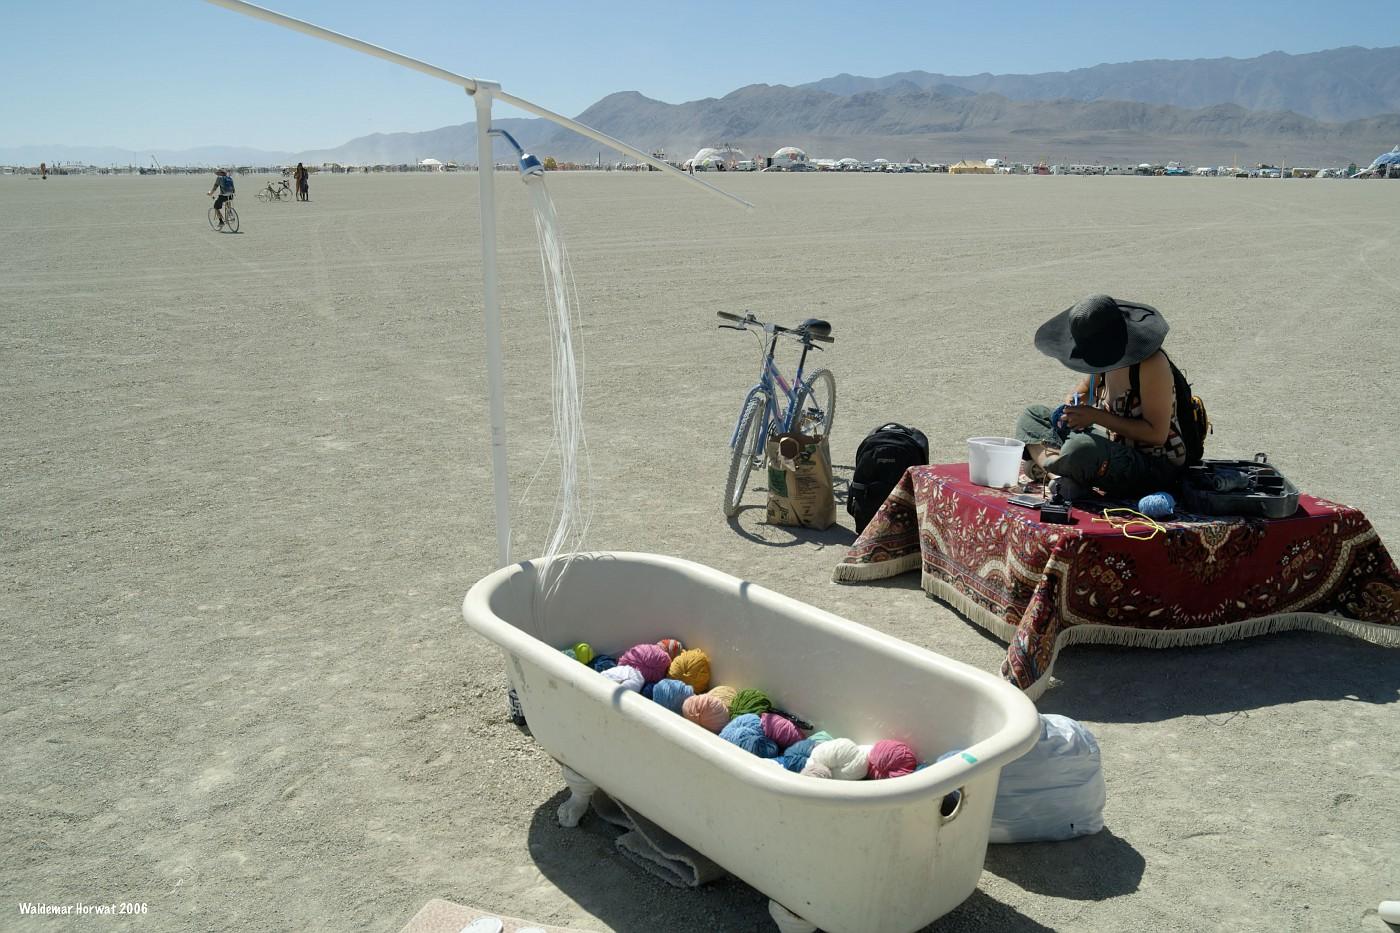 Bathtub of Tribbles